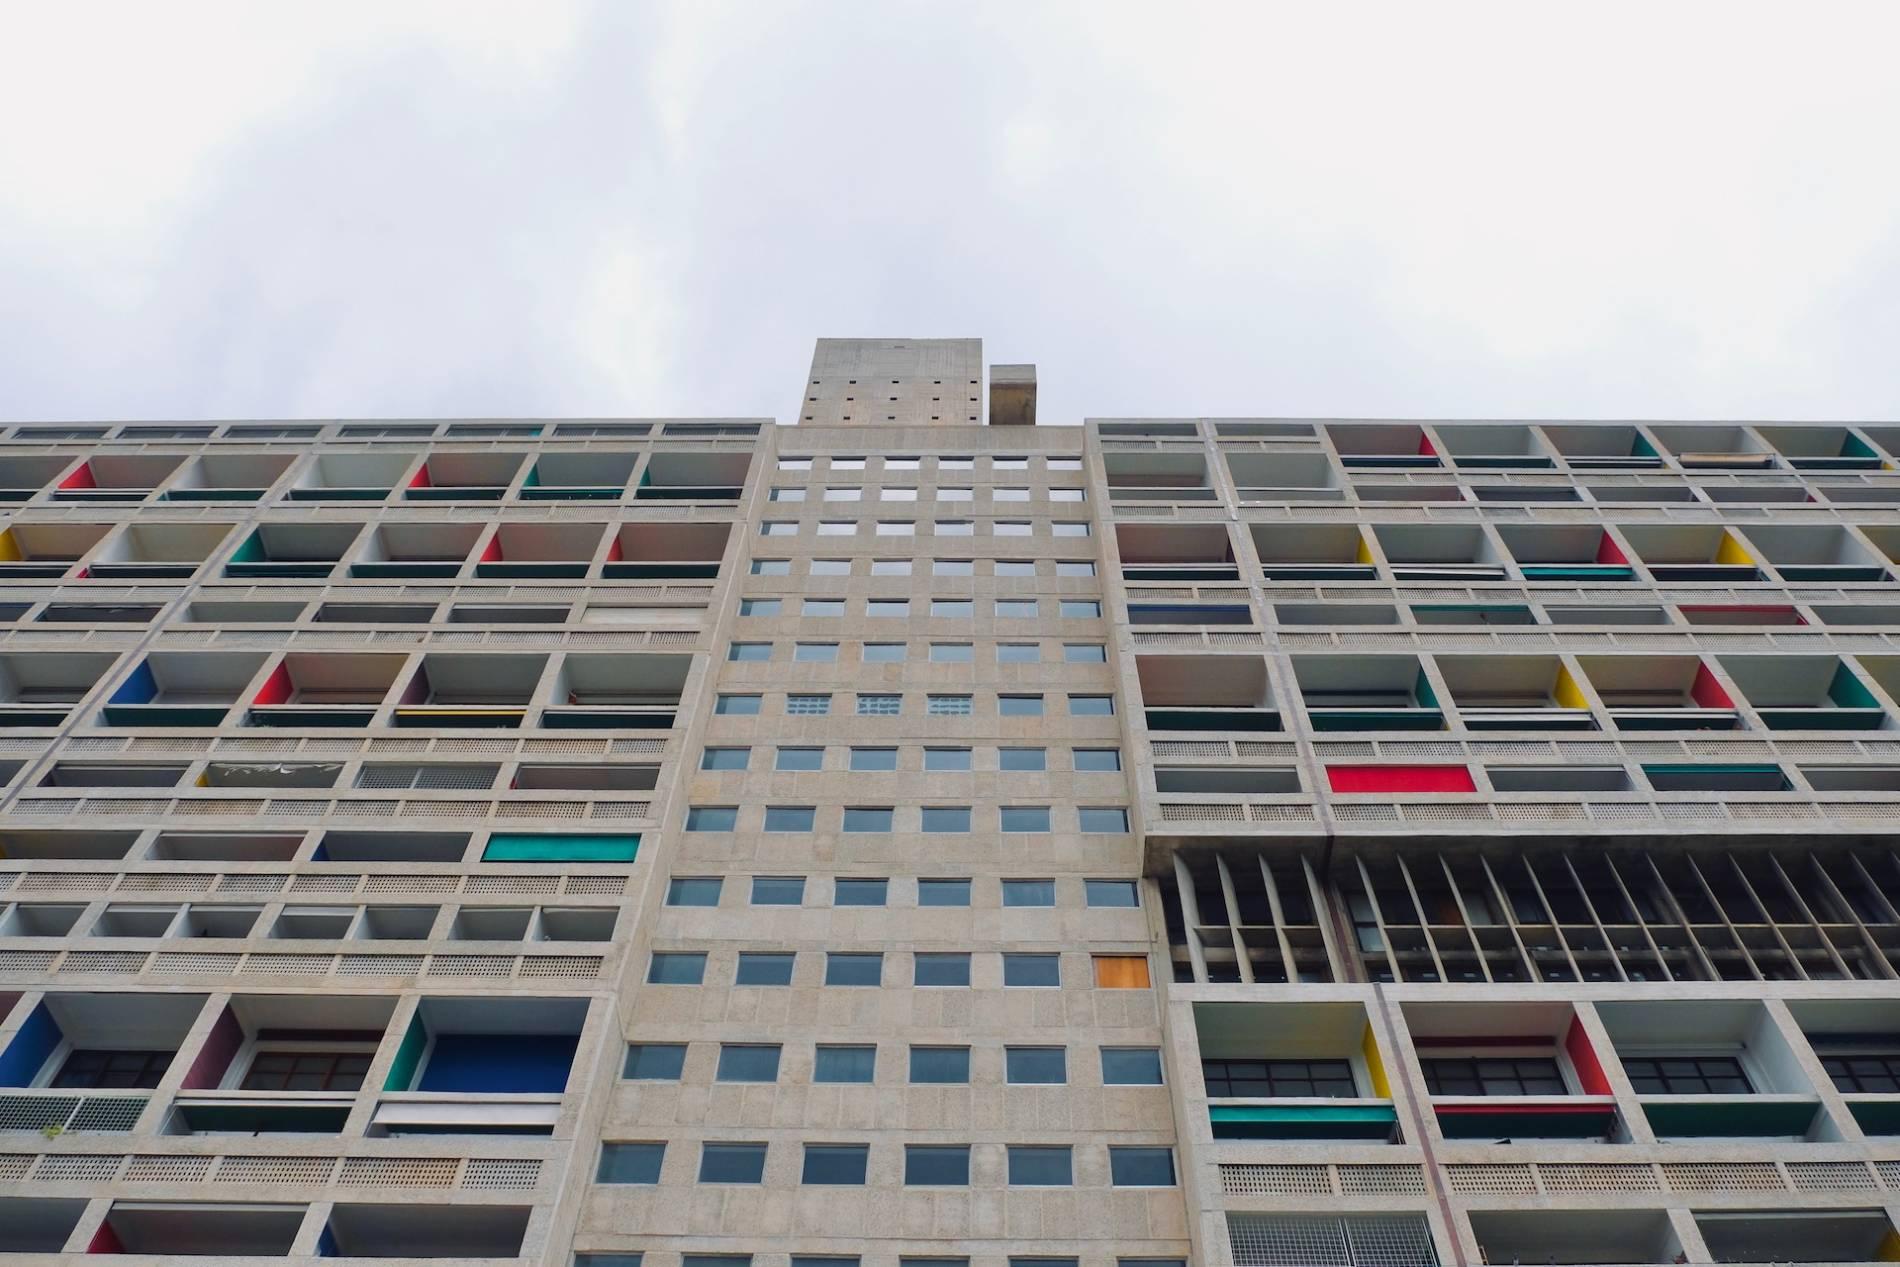 cite-radieuse-facade